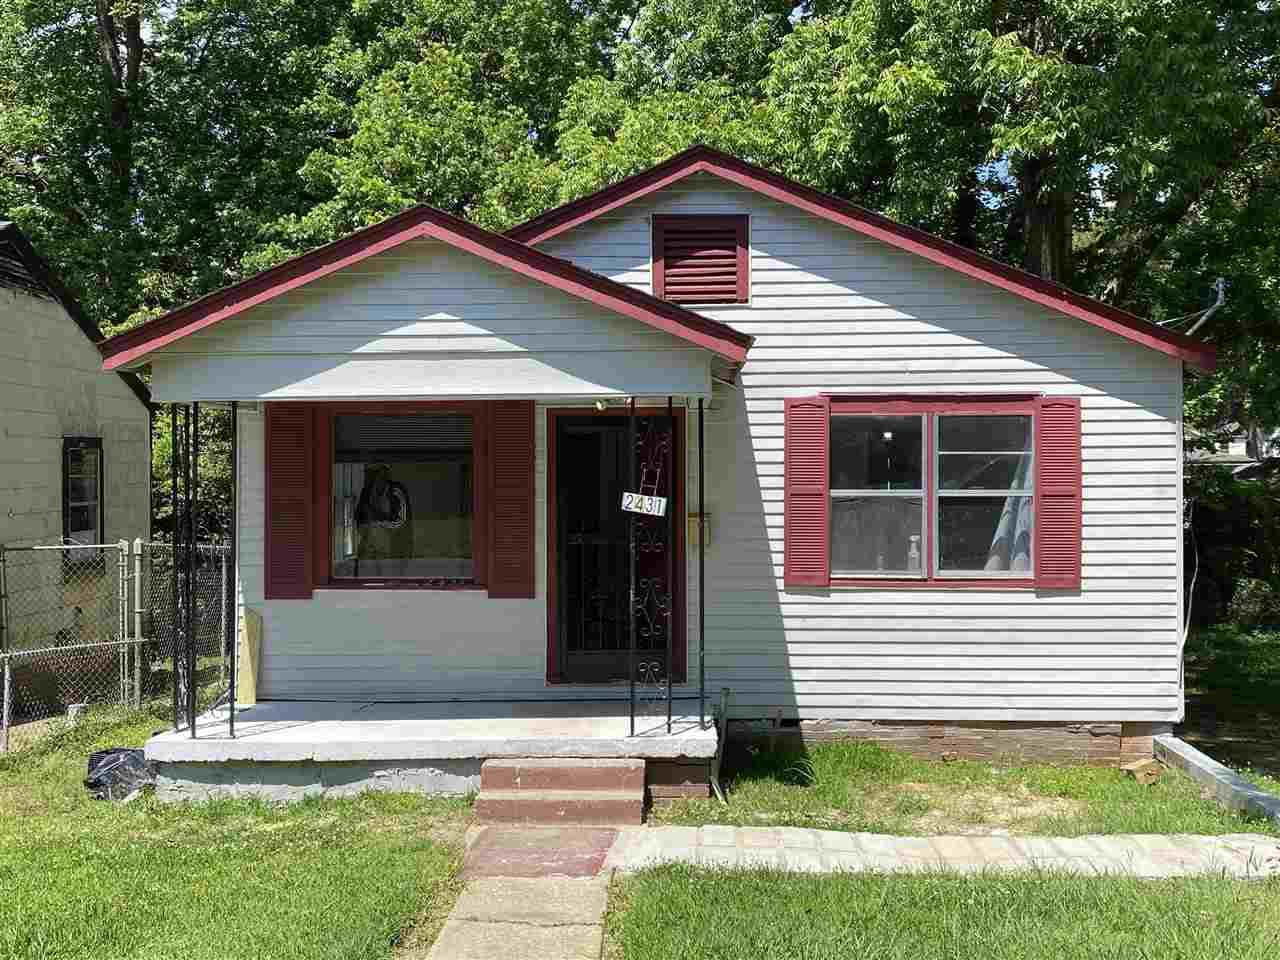 2431 Morton Ave - Photo 1